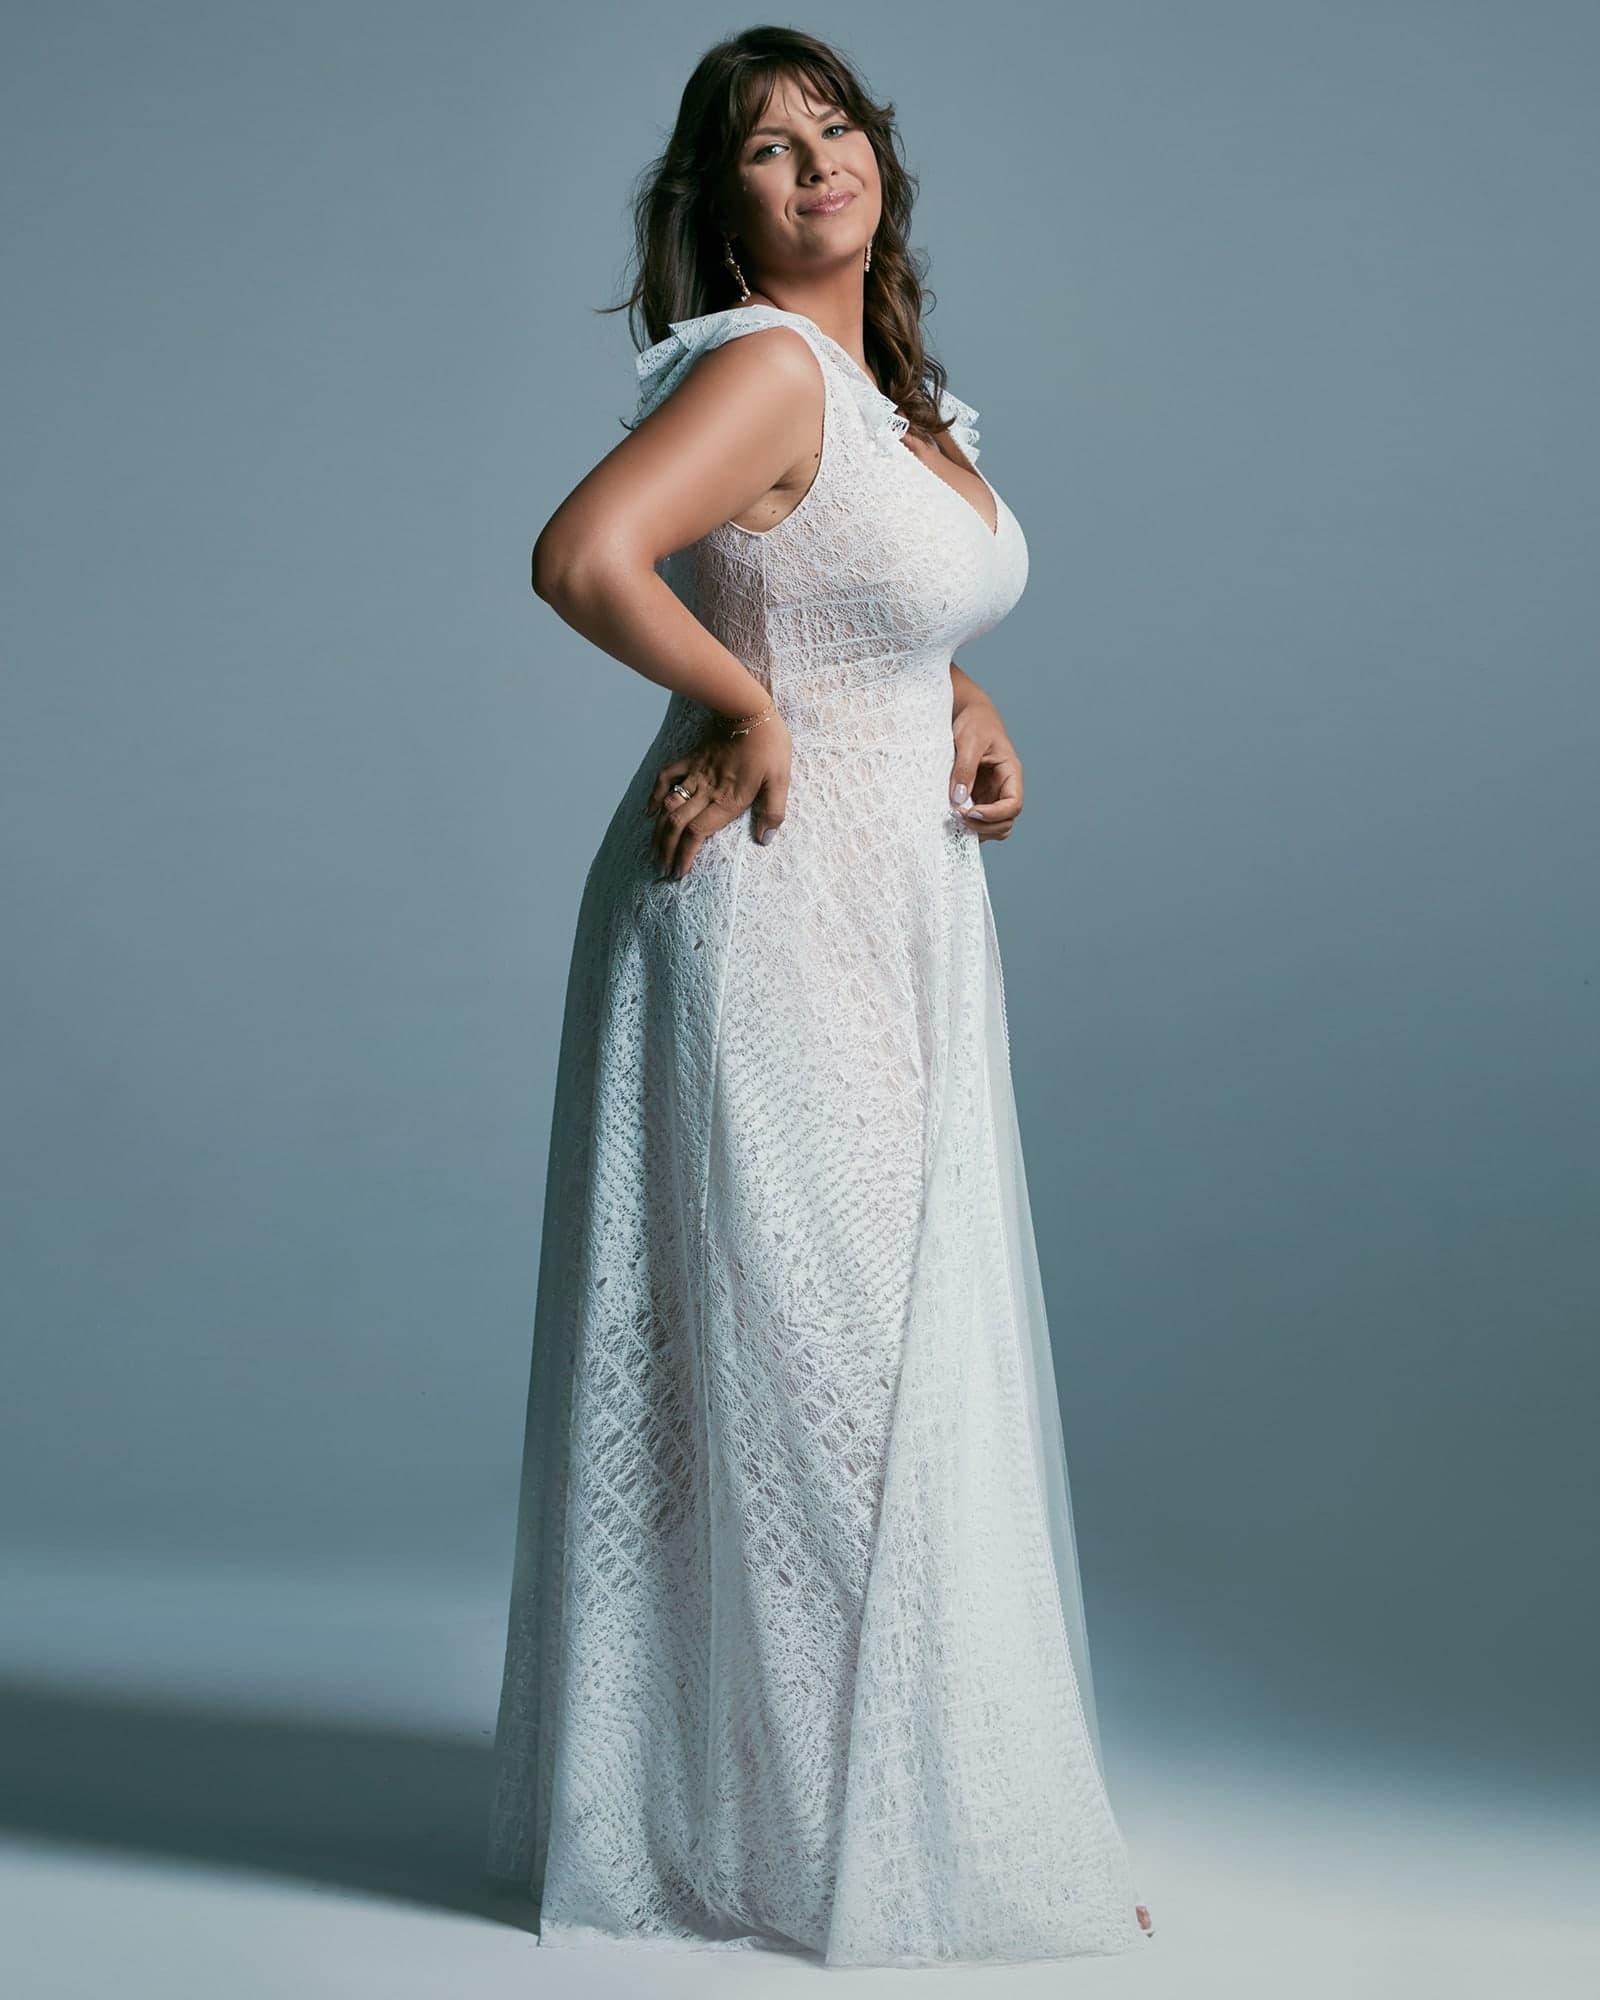 Rustykalna suknia ślubna plus size - niezwykle zwiewna z koronki o nieoczywistym, nieregularnym wzorem. Pięknie wykończone ramiączka - motylkami odwracającymi uwagę od ramion